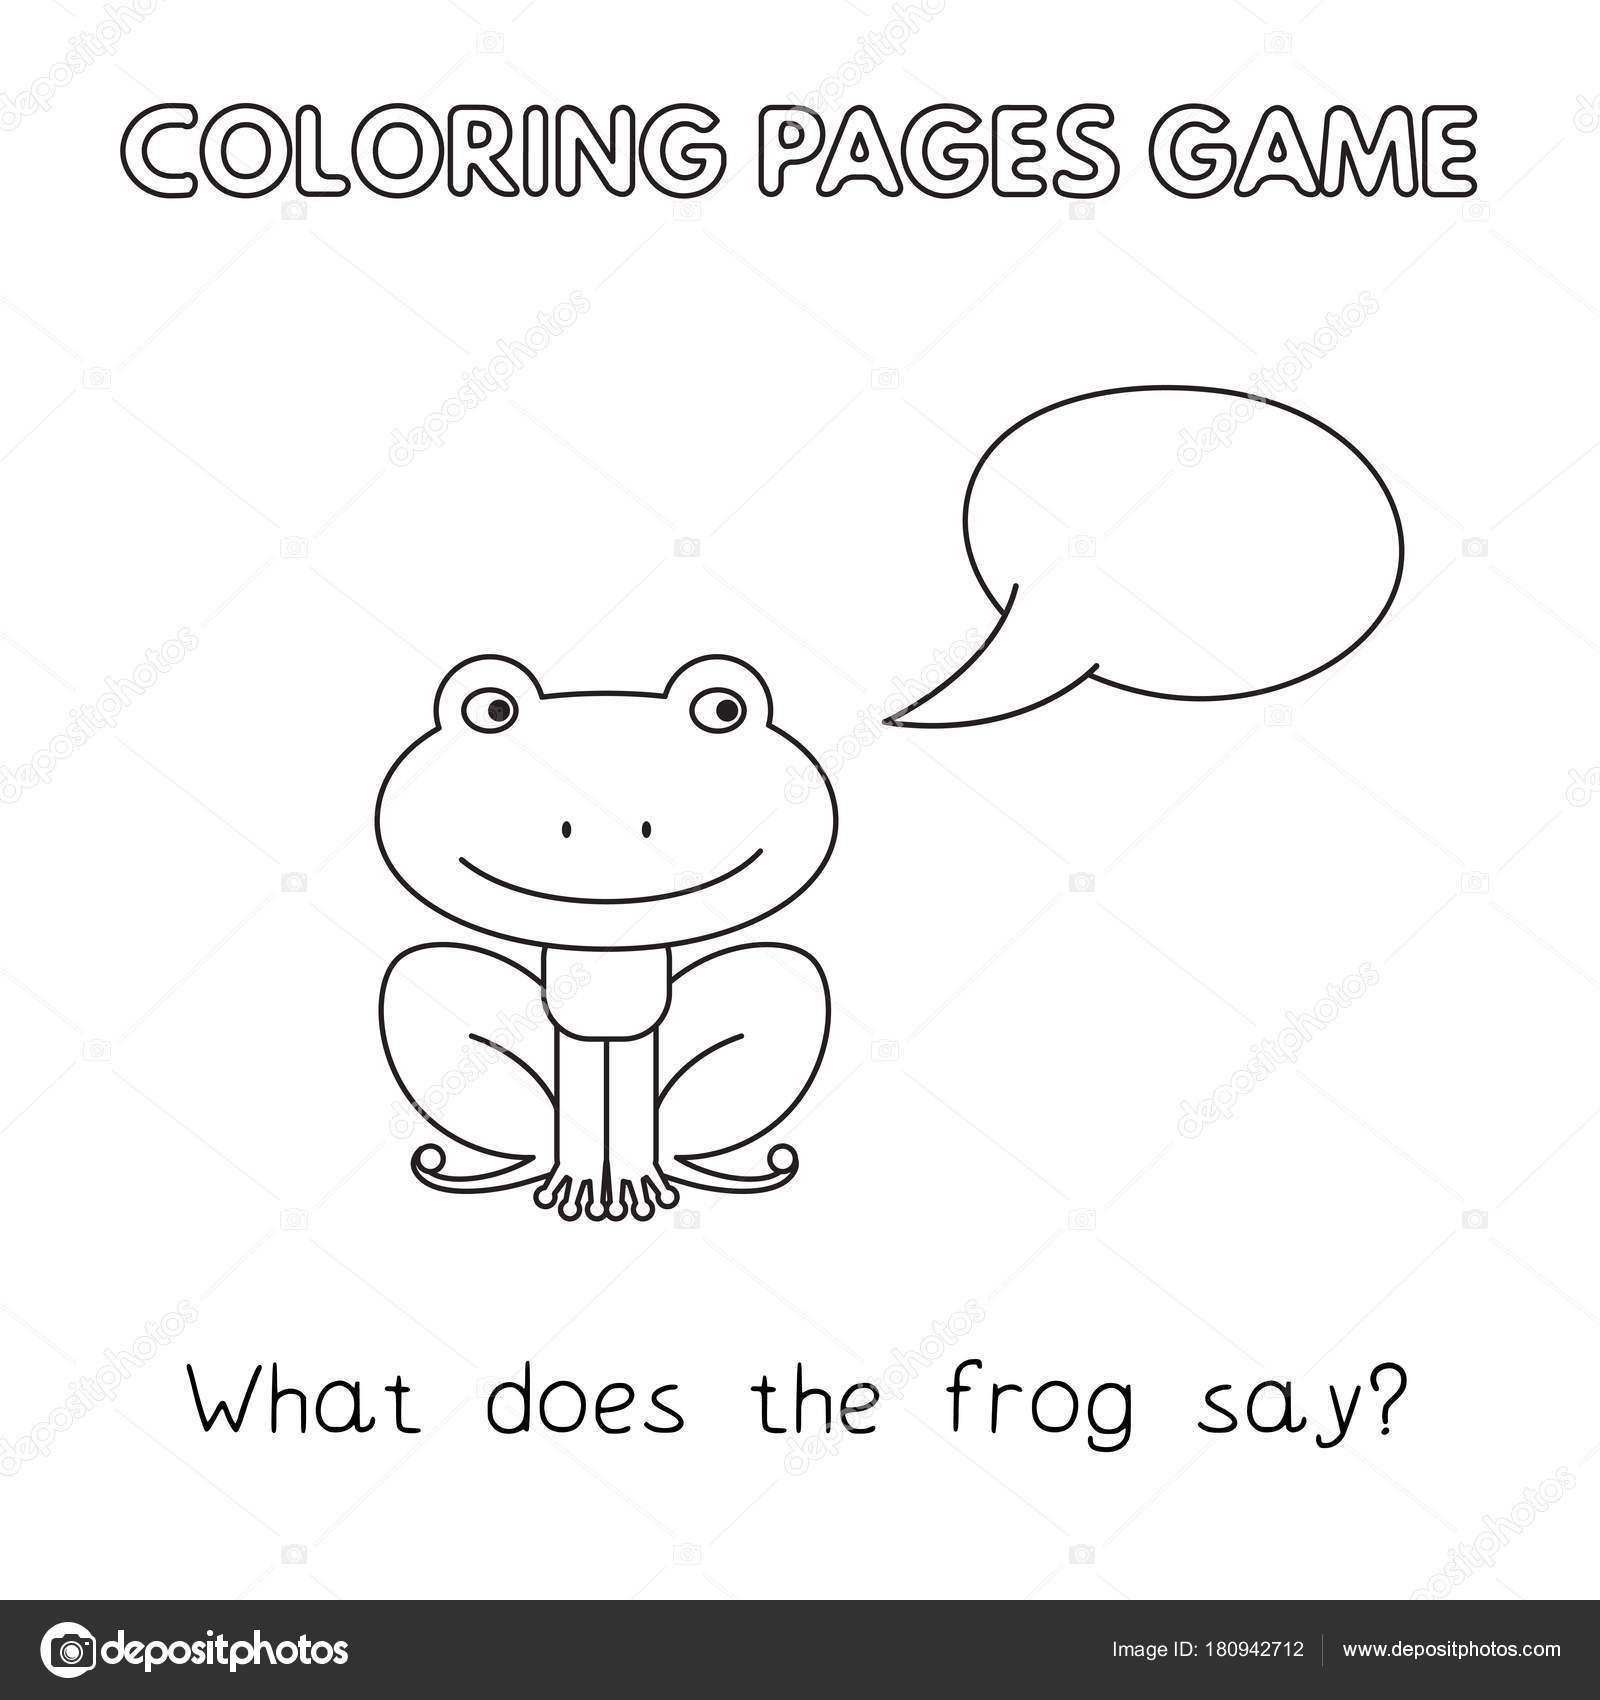 frog coloring pages kids. frog coloring pages free animated frog ... | 1700x1600